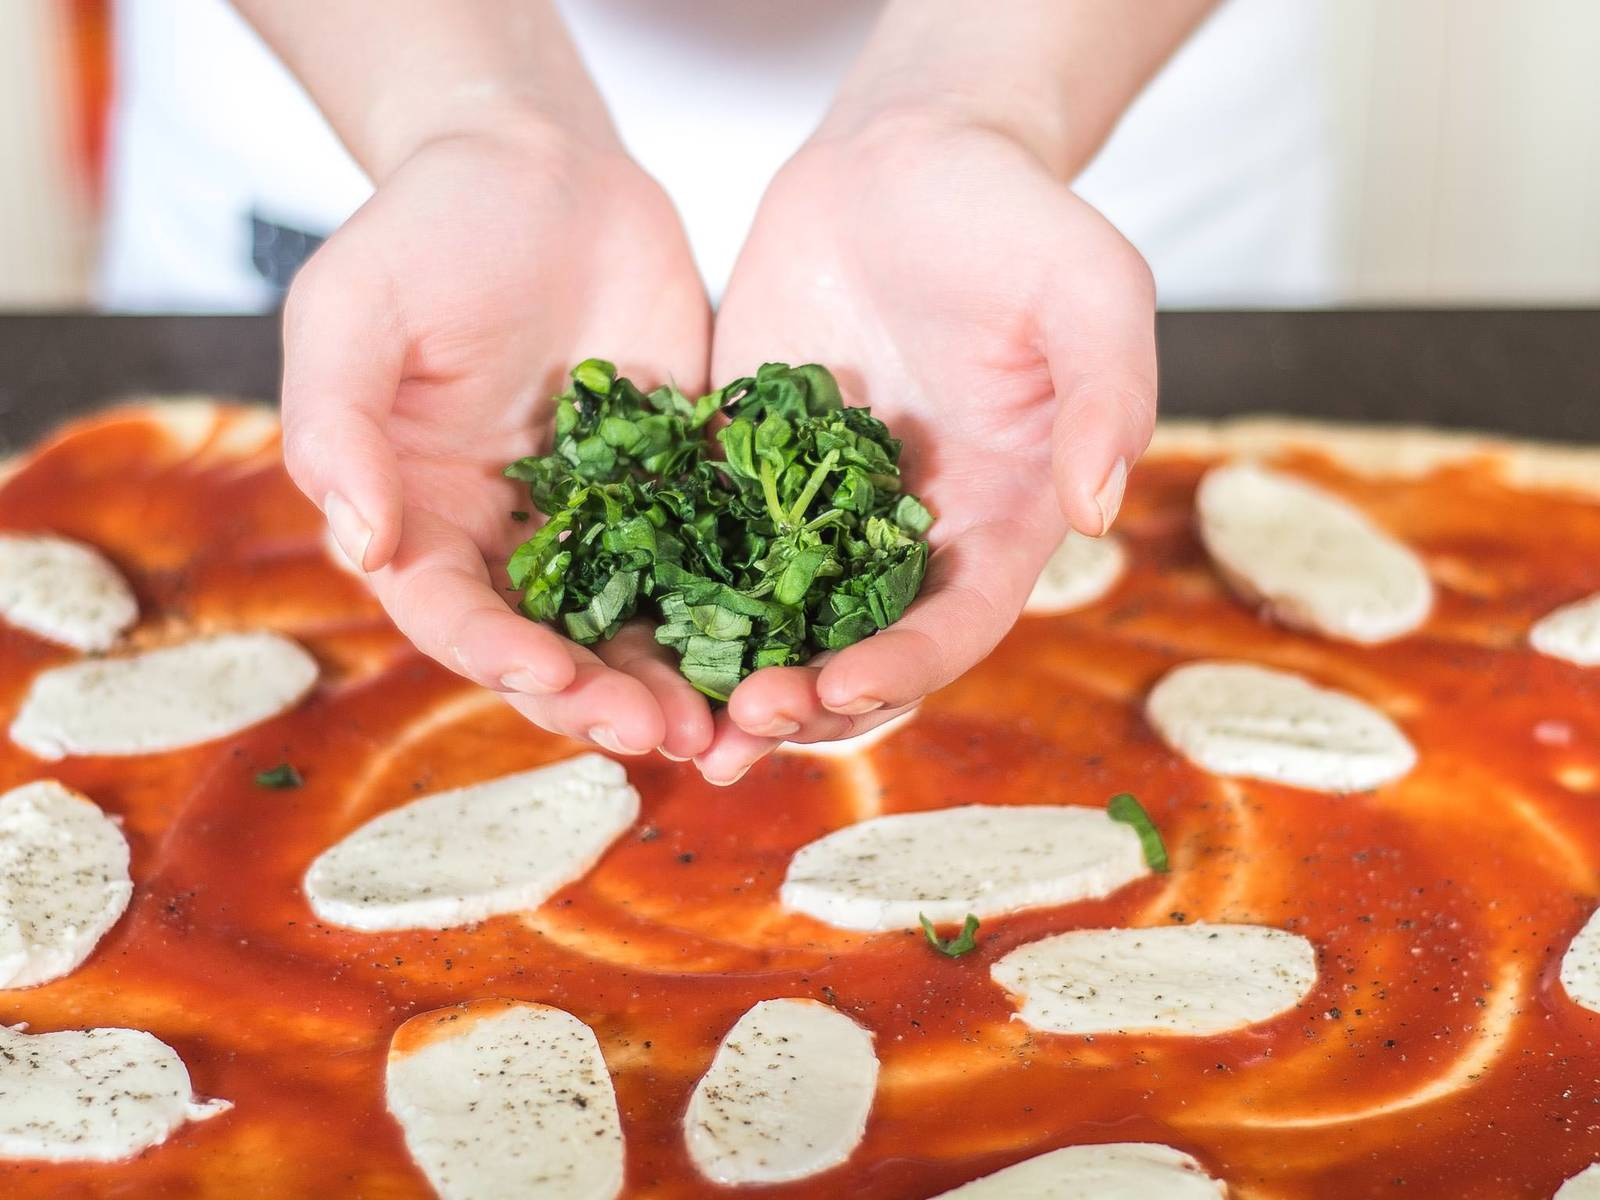 将马苏里拉奶酪片和罗勒丝均匀地铺在番茄蓉上,加盐和胡椒粉调味。